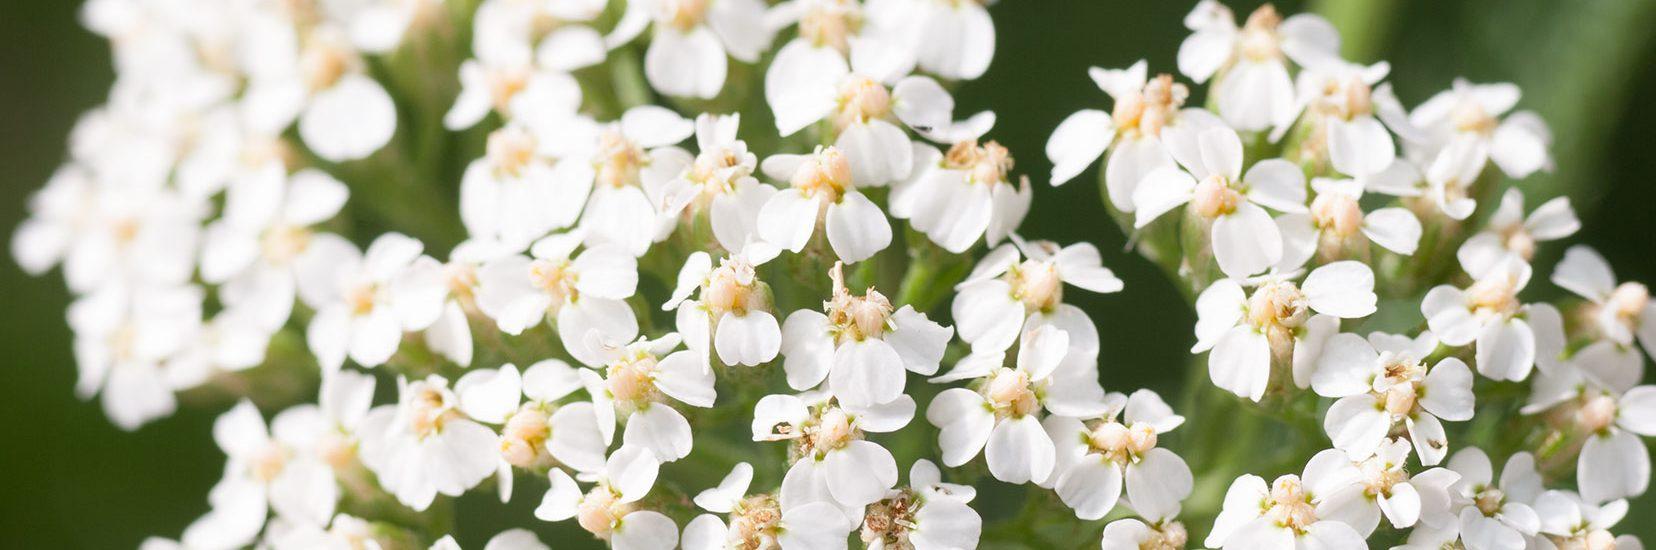 achillea-achillea-millefolium-foto-bianca